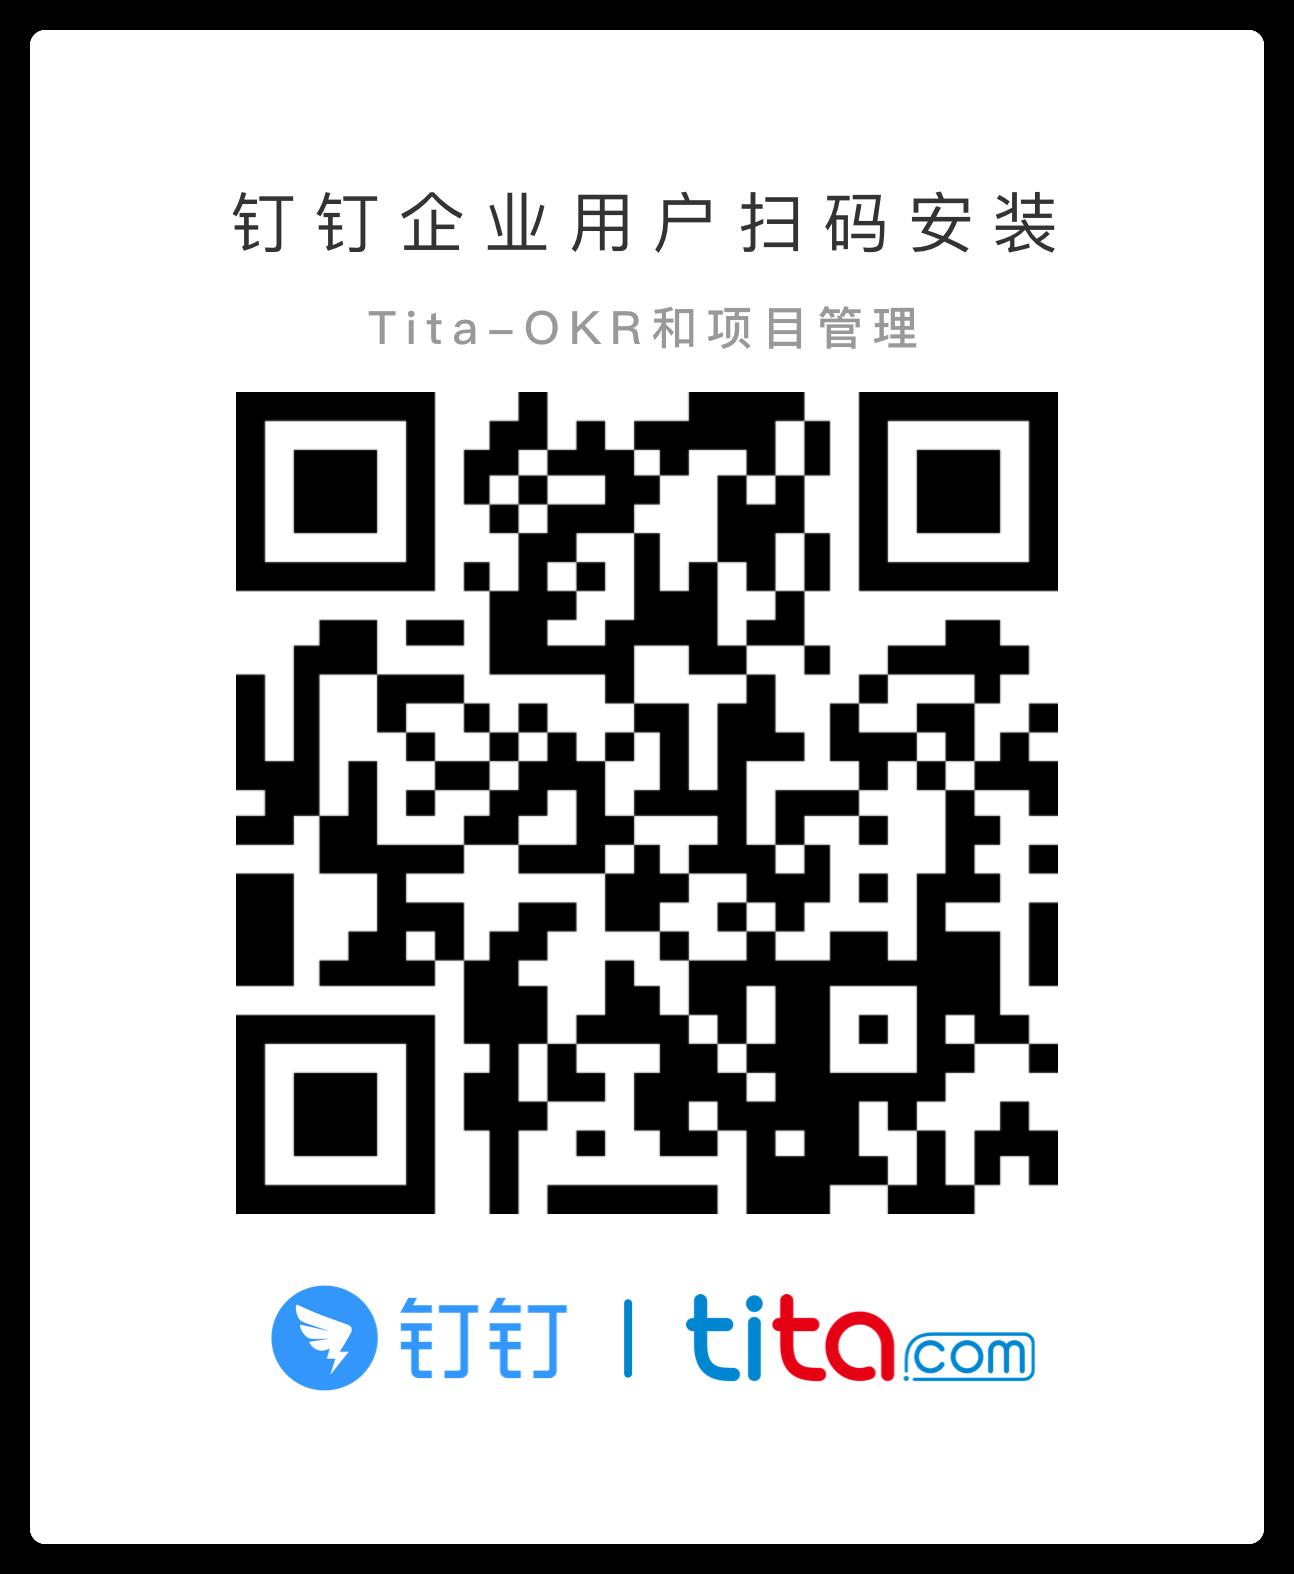 钉钉应用商店   《Tita的OKR》 应用发布